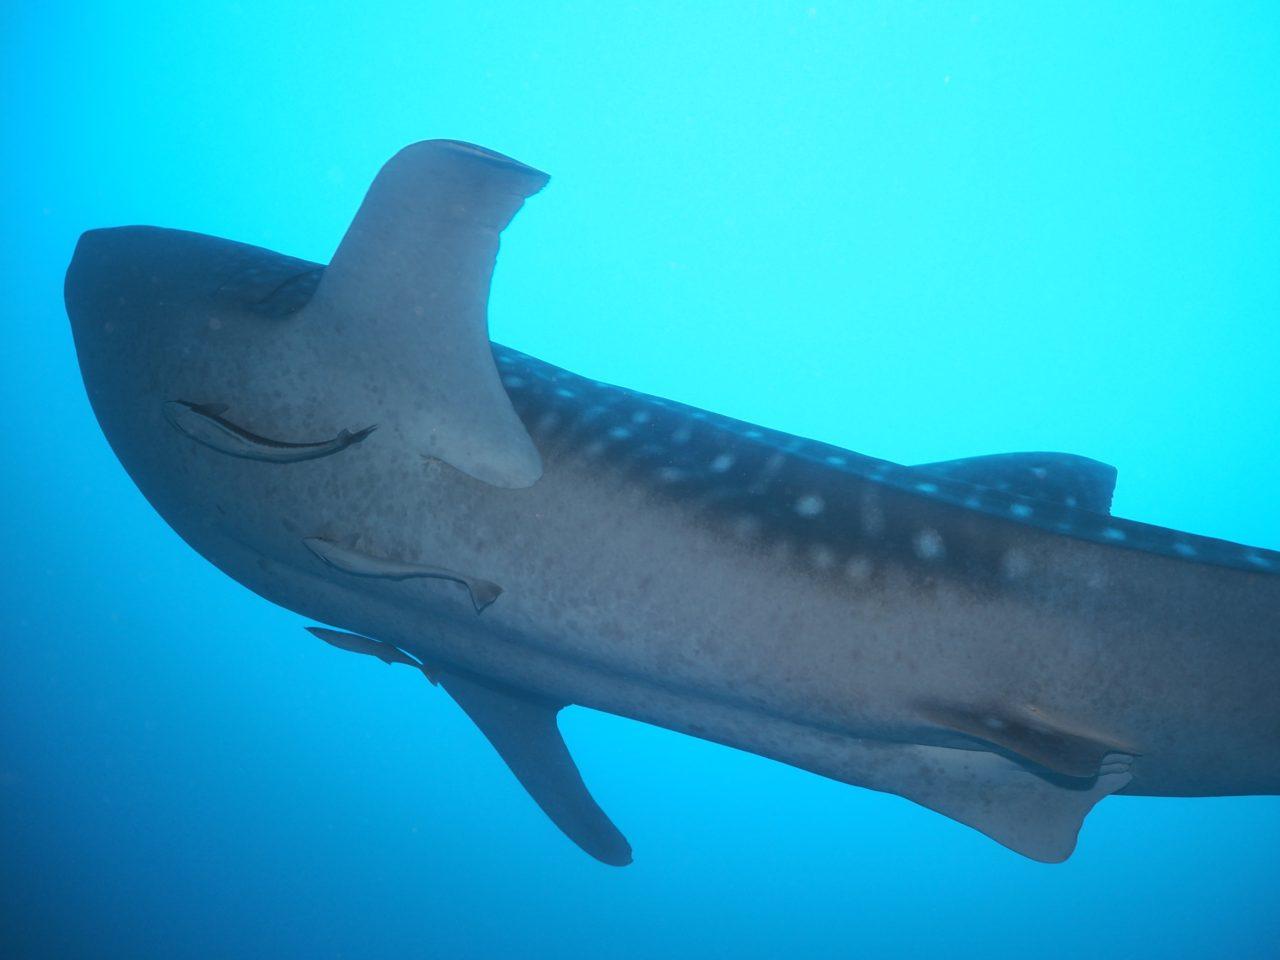 モルディブ・アリ環礁のマーミギリ・アウトリーフで遭遇したジンベエザメを下から撮影